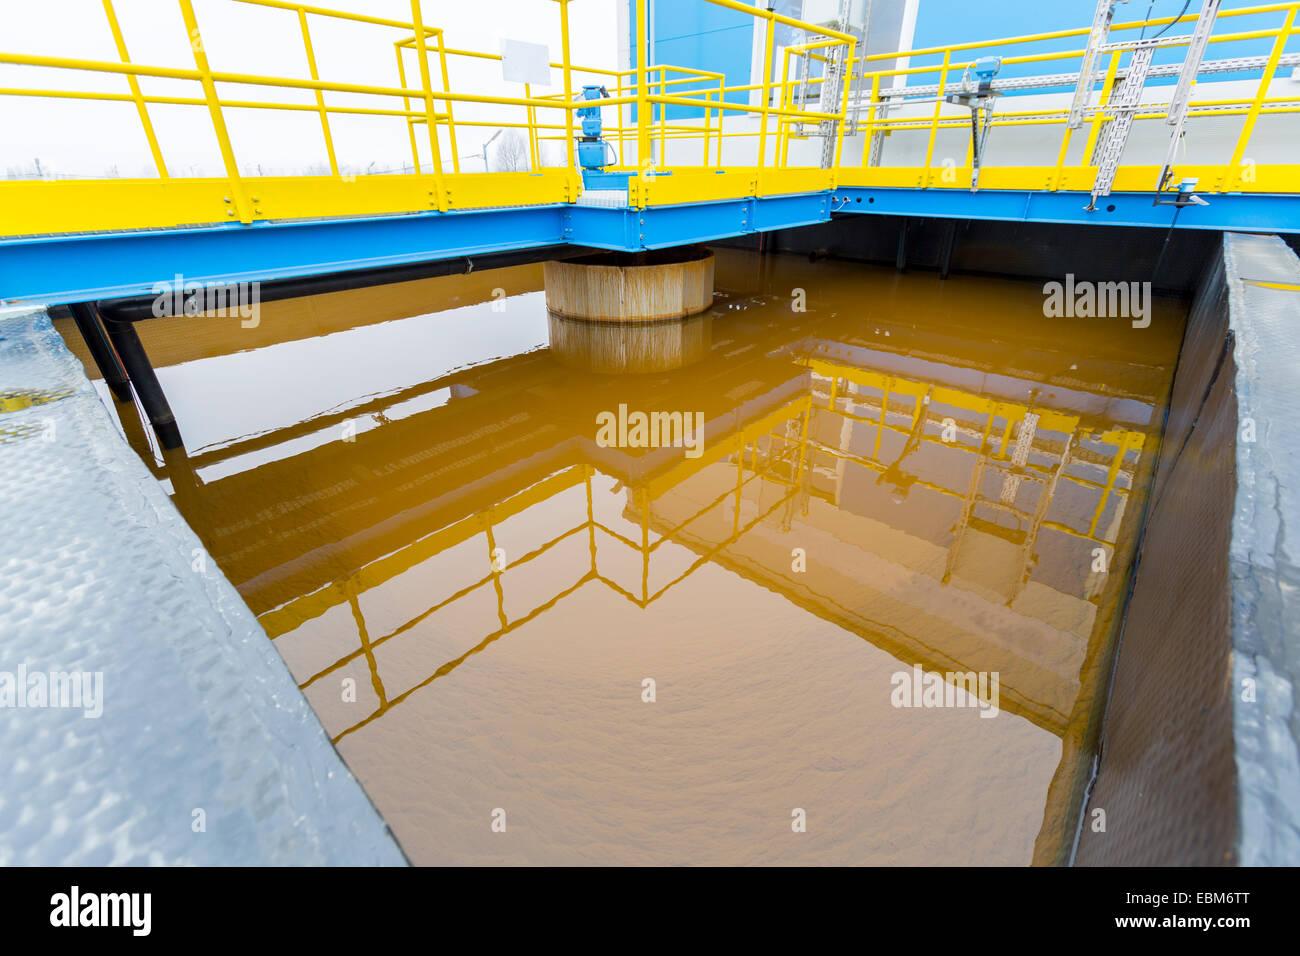 Usine de traitement des eaux pluviales (RWTP). Fonderie de l'environnement. Photo Stock